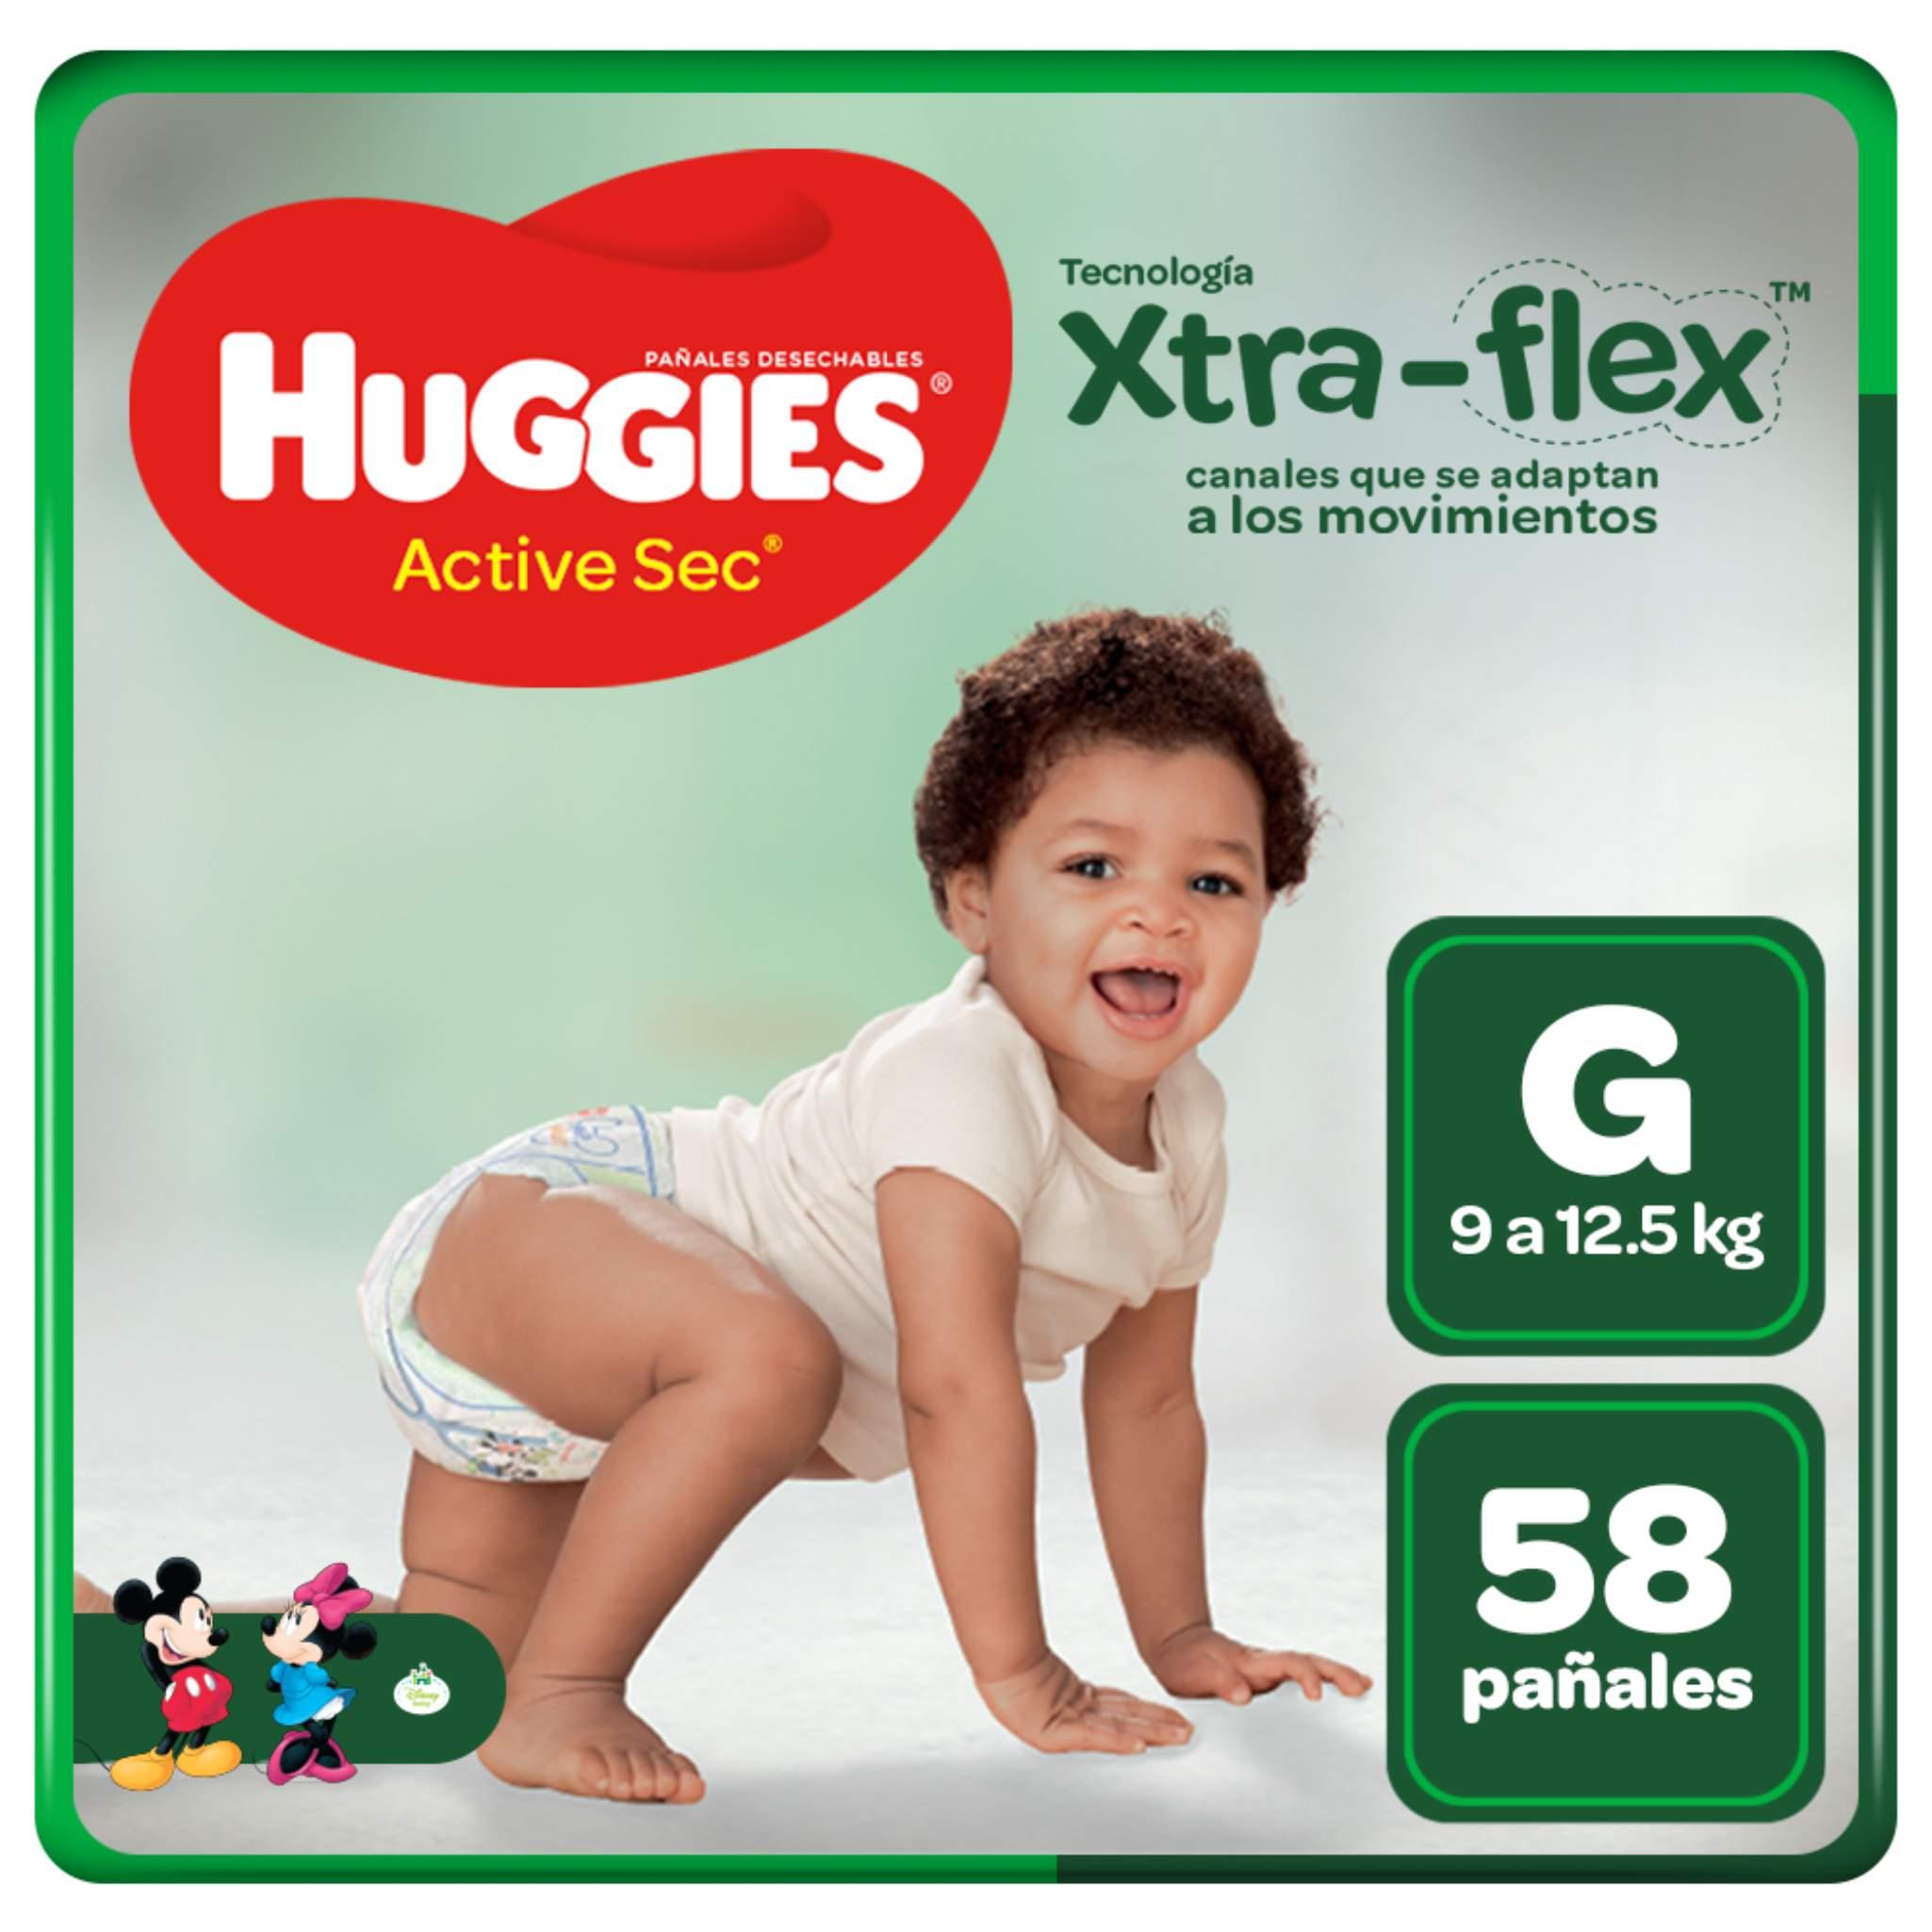 Pañales Huggies Active Sec Xtra Flex Talla G - Bolsa 58 UN